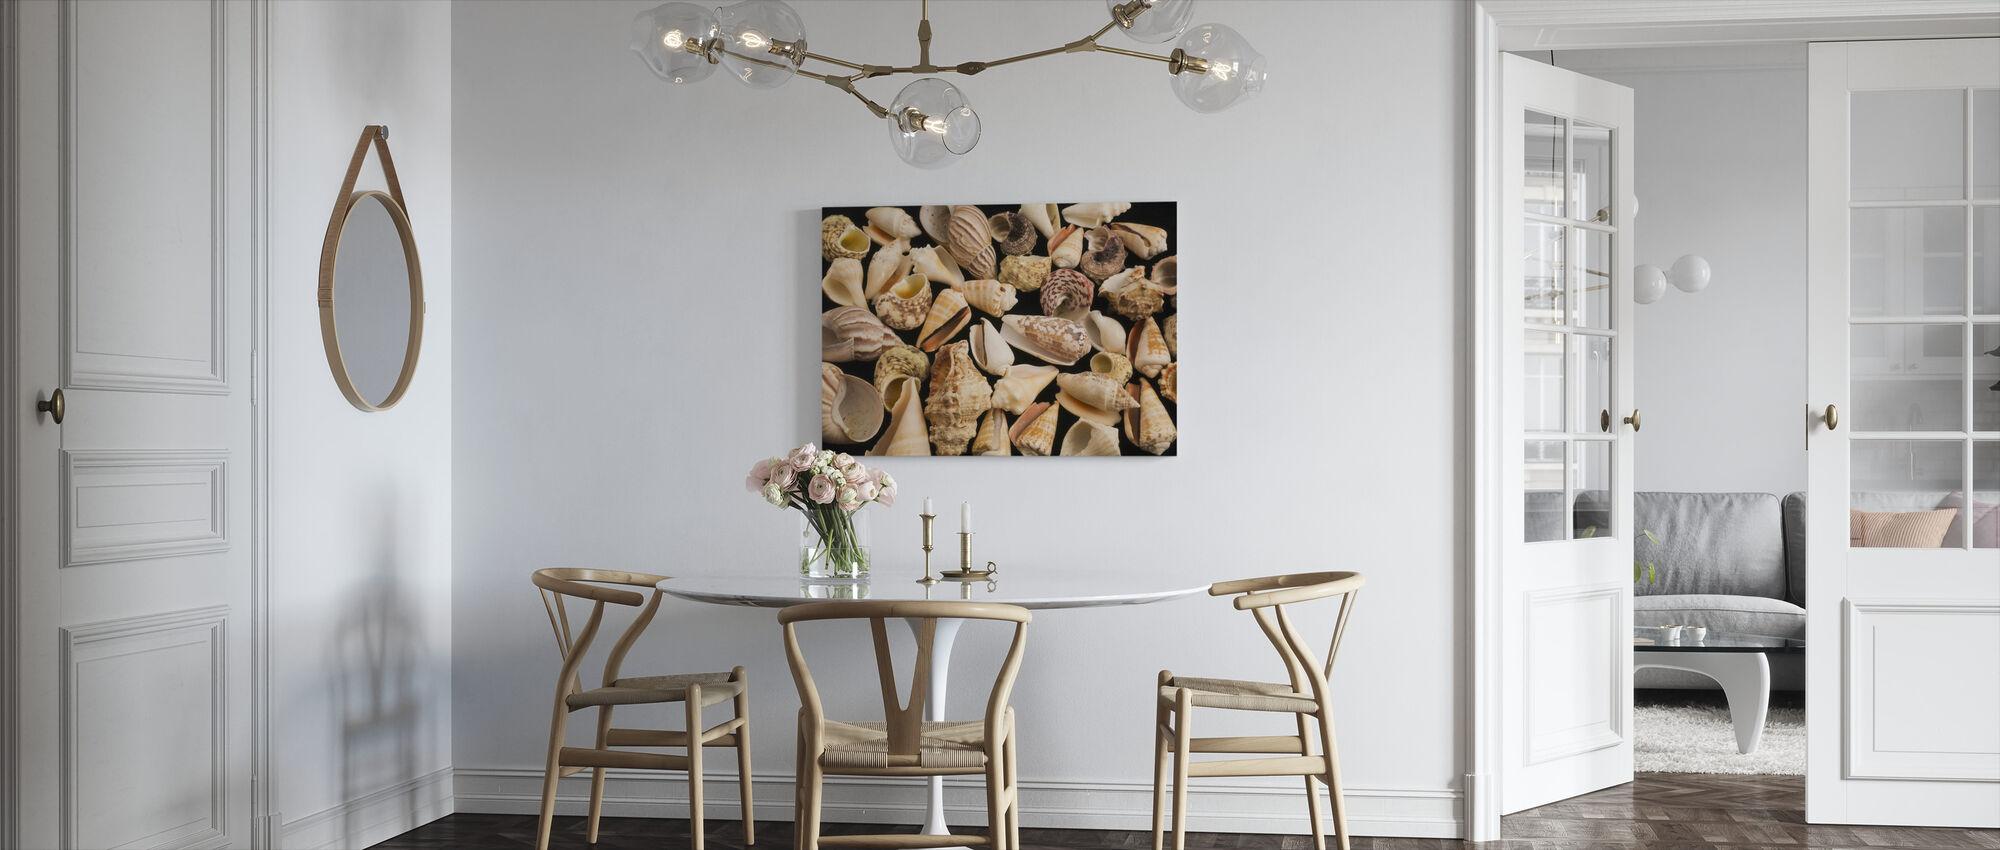 Con skjell - Lerretsbilde - Kjøkken